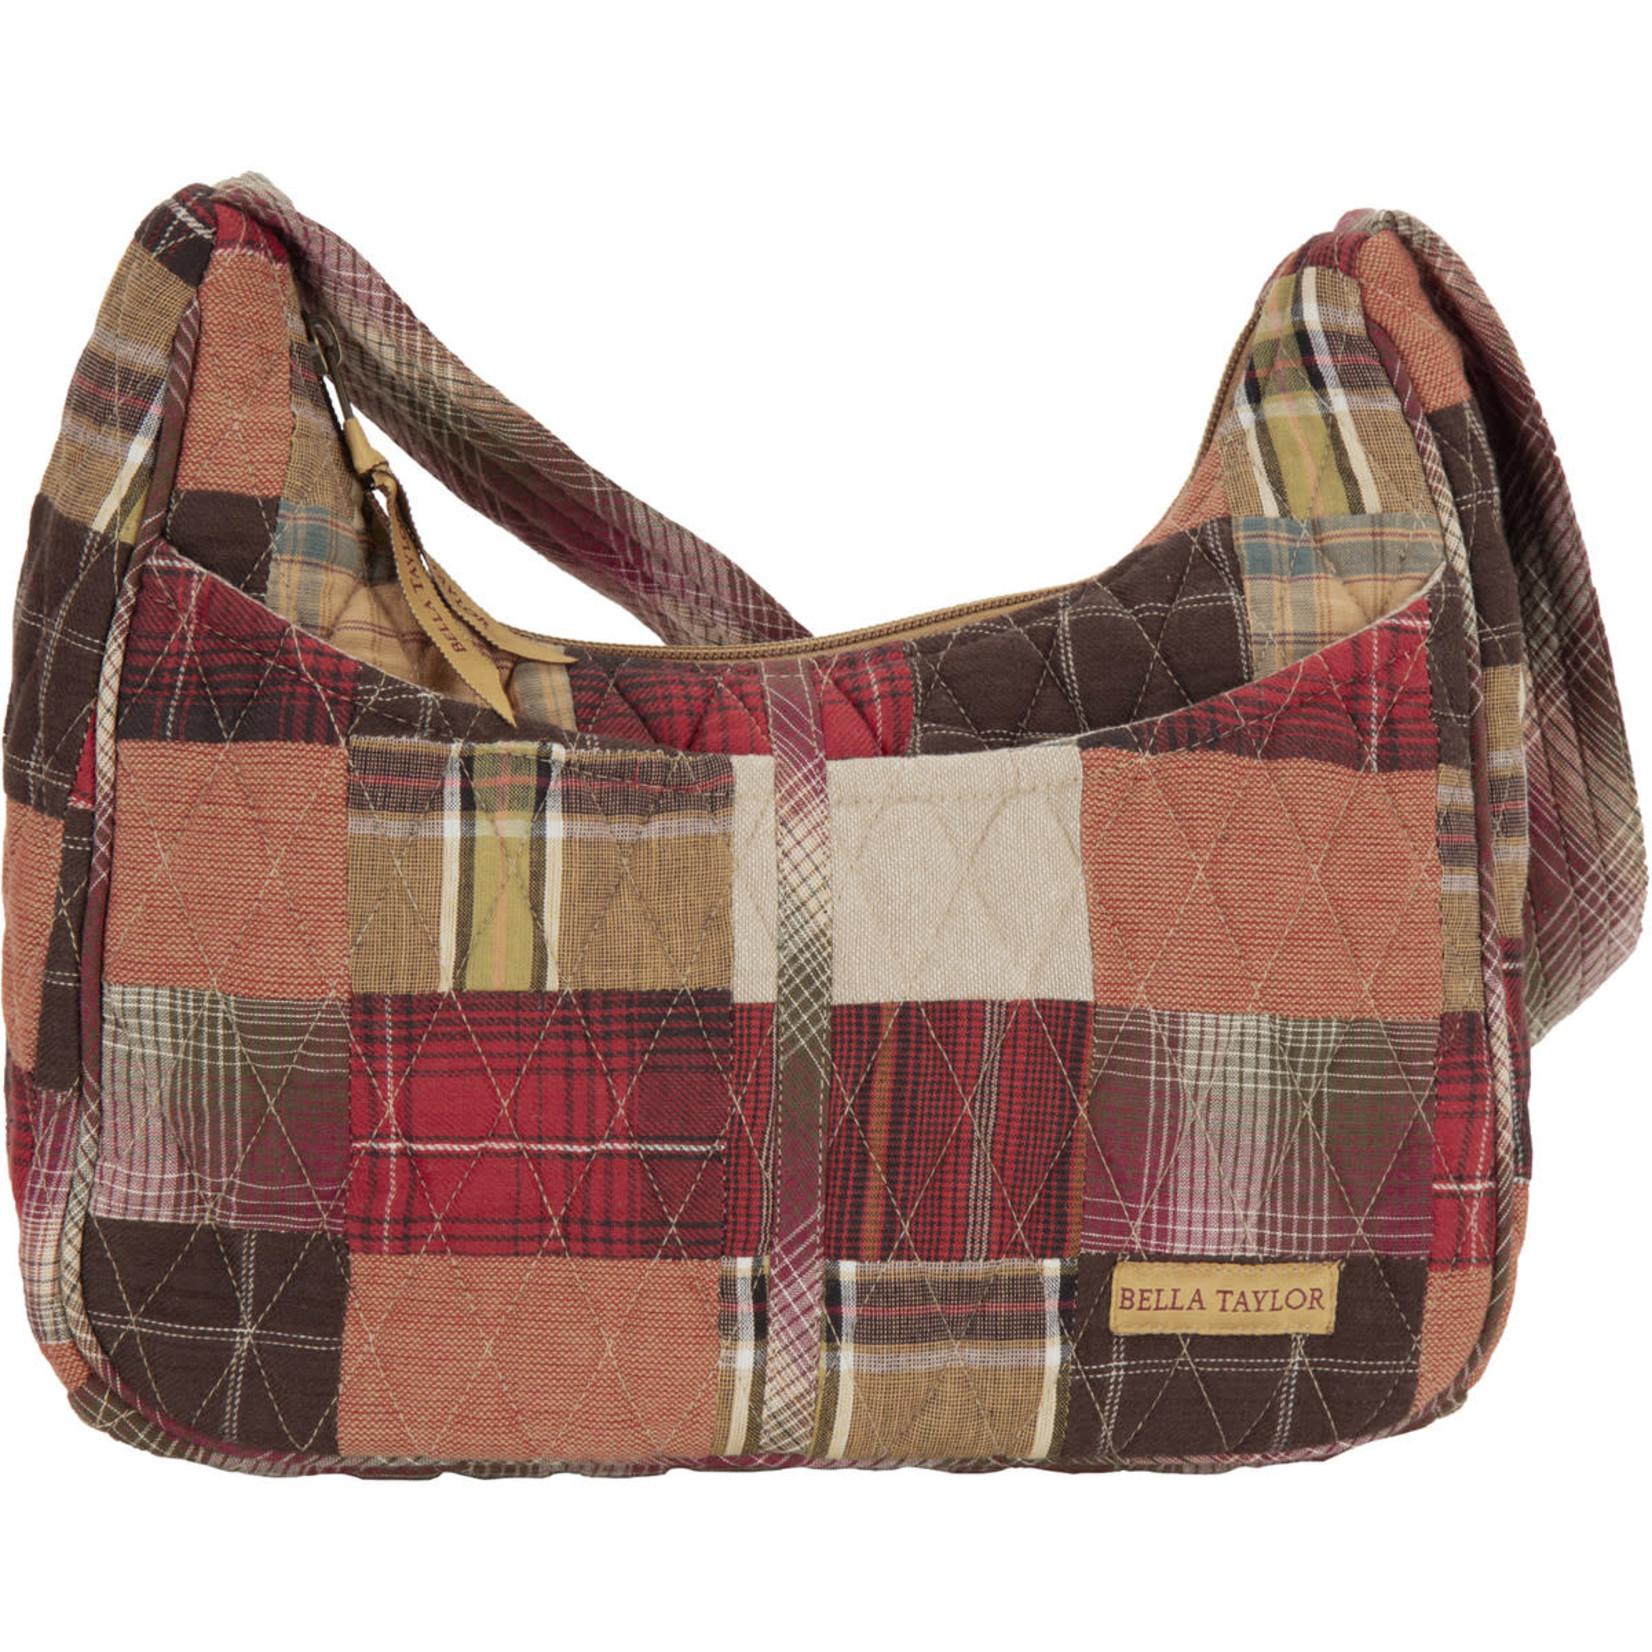 Bella Taylor Wyatt - Blakely handbag